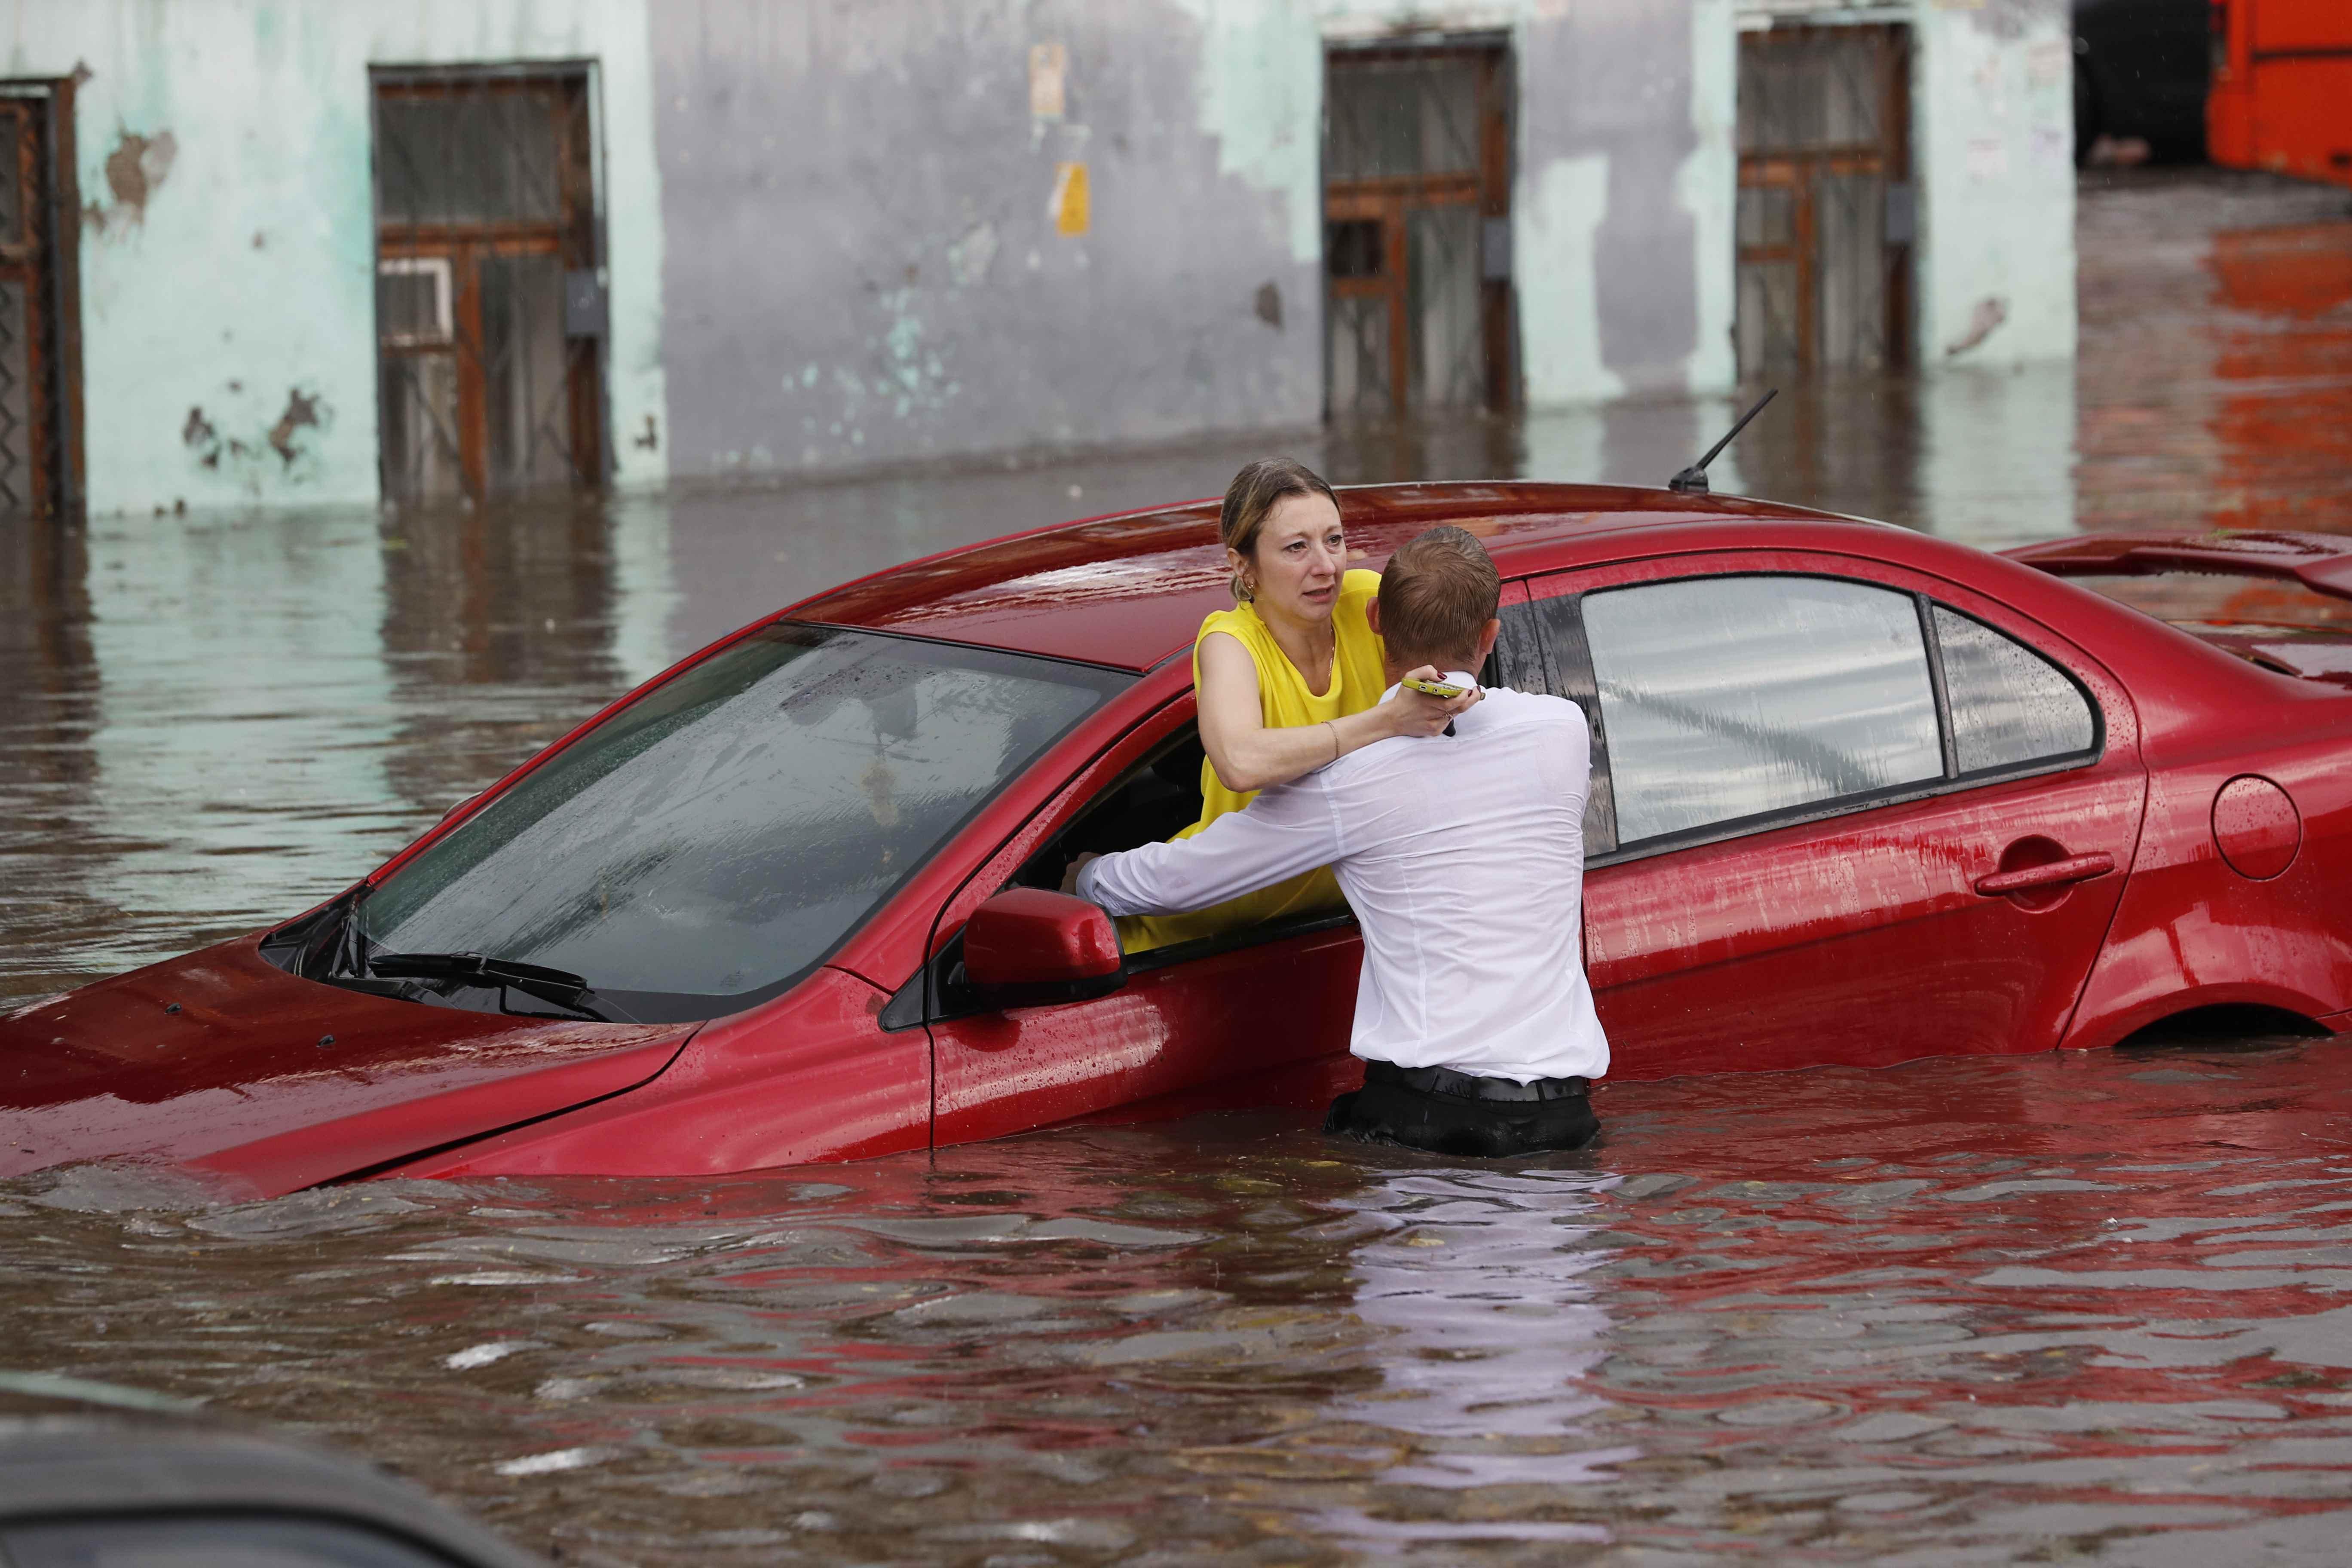 أحد المنقذين يساعد سيدة على الخروج من سيارتها